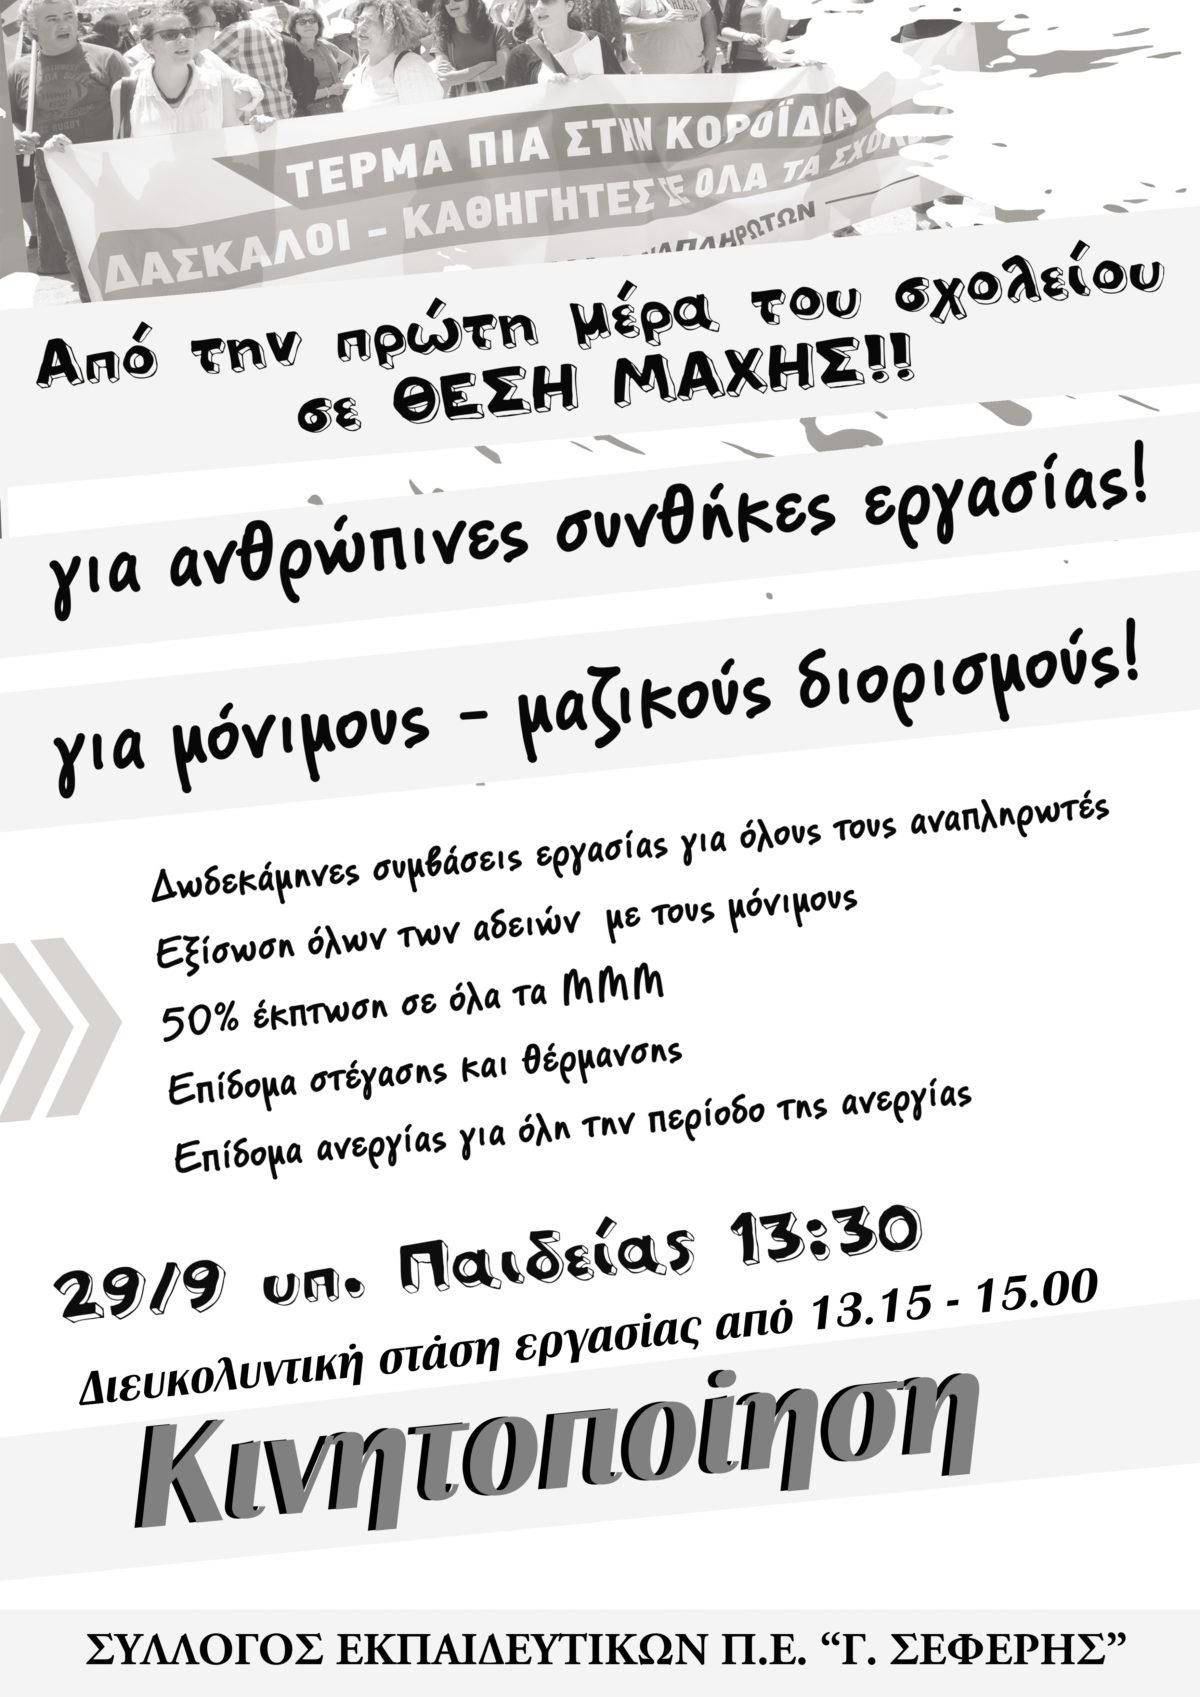 ΟΛΟΙ ΣΤΟ ΥΠΟΥΡΓΕΙΟ ΠΑΙΔΕΙΑΣ ΣΤΙΣ 29/9 13.30 Μ.Μ.